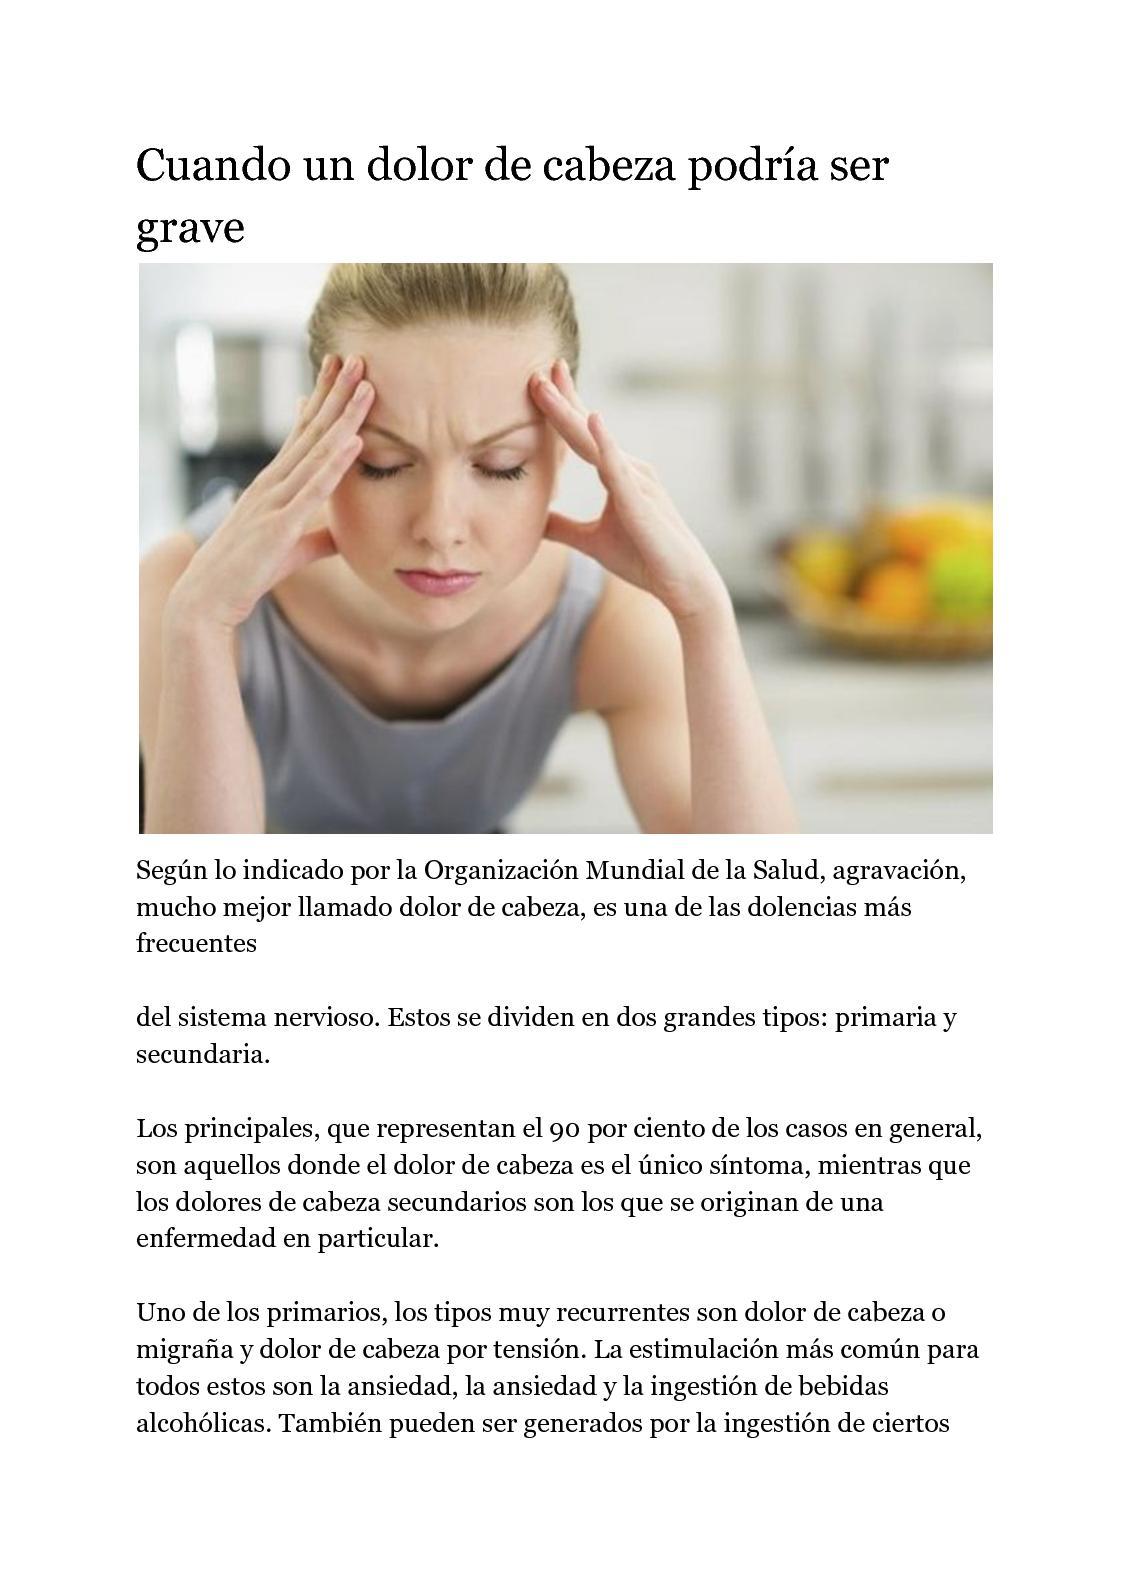 sintomas de dolor de cabeza por tension